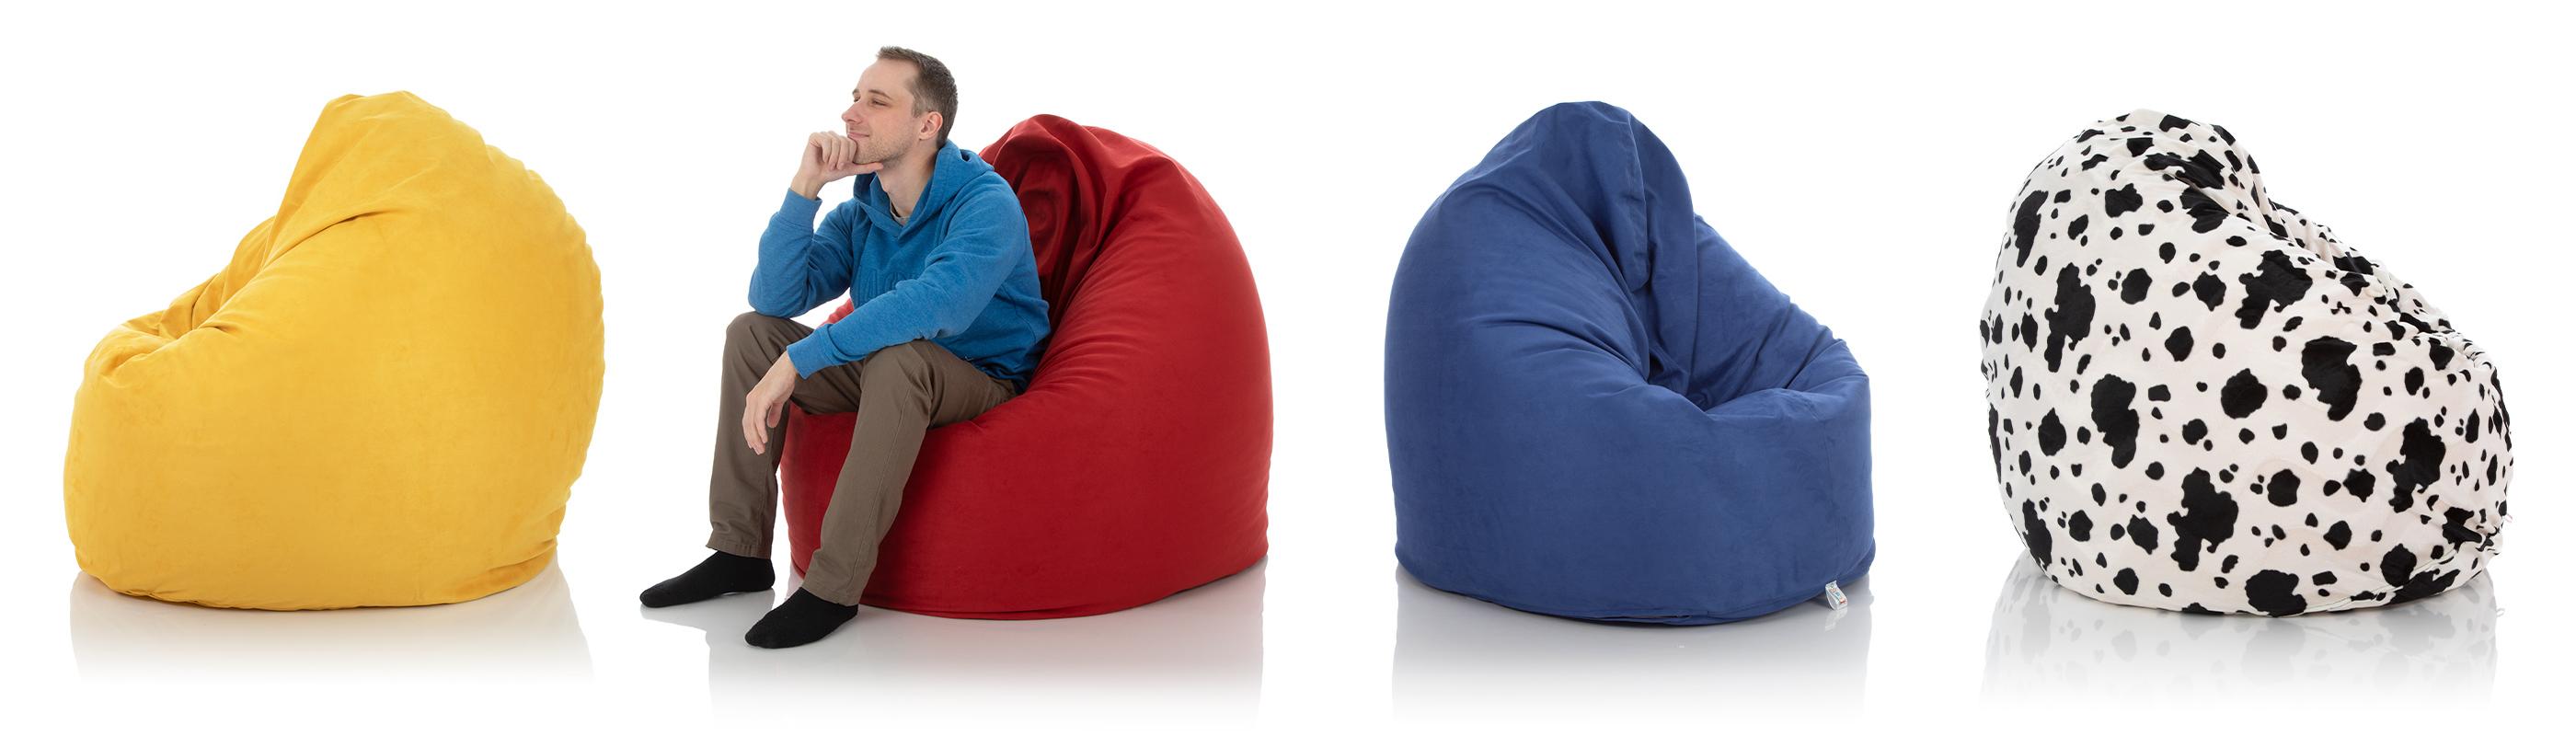 Lounge-Sitzsack-Sessel von frago in den Farben gelb, rot, blau und schwarz-weiß im Vergleich